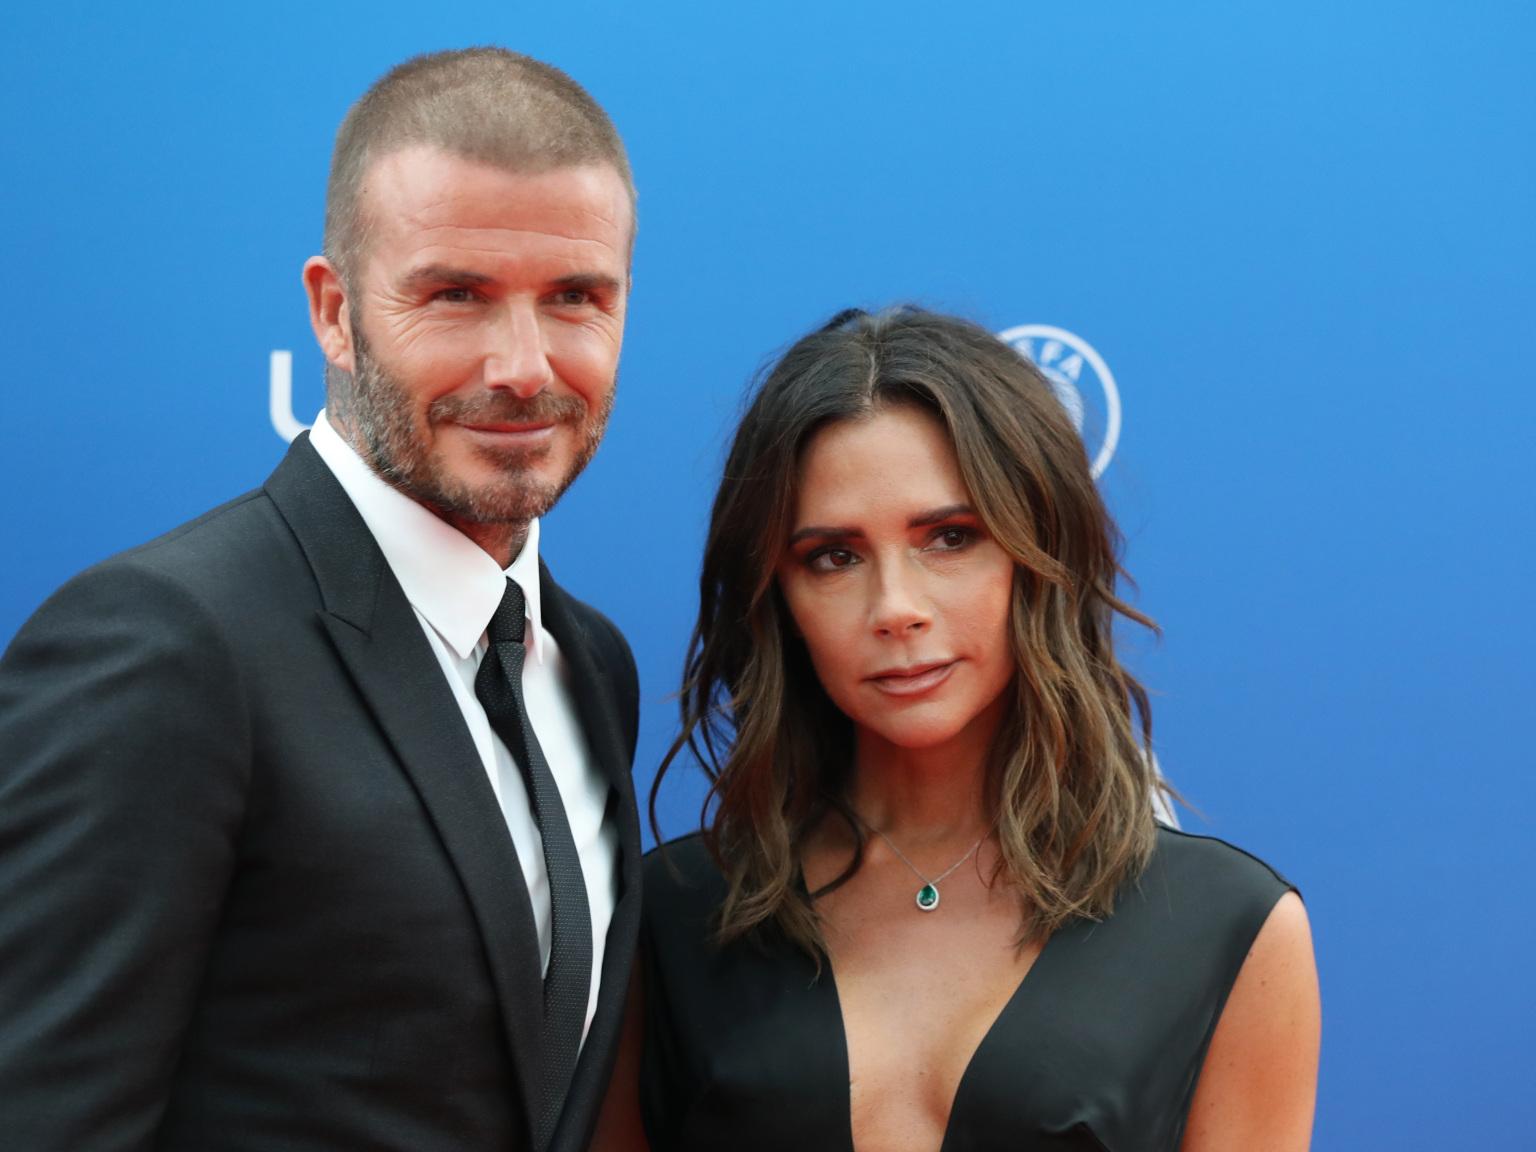 David și Victoria Beckham, infectați cu Covid-19. Care este starea lor?